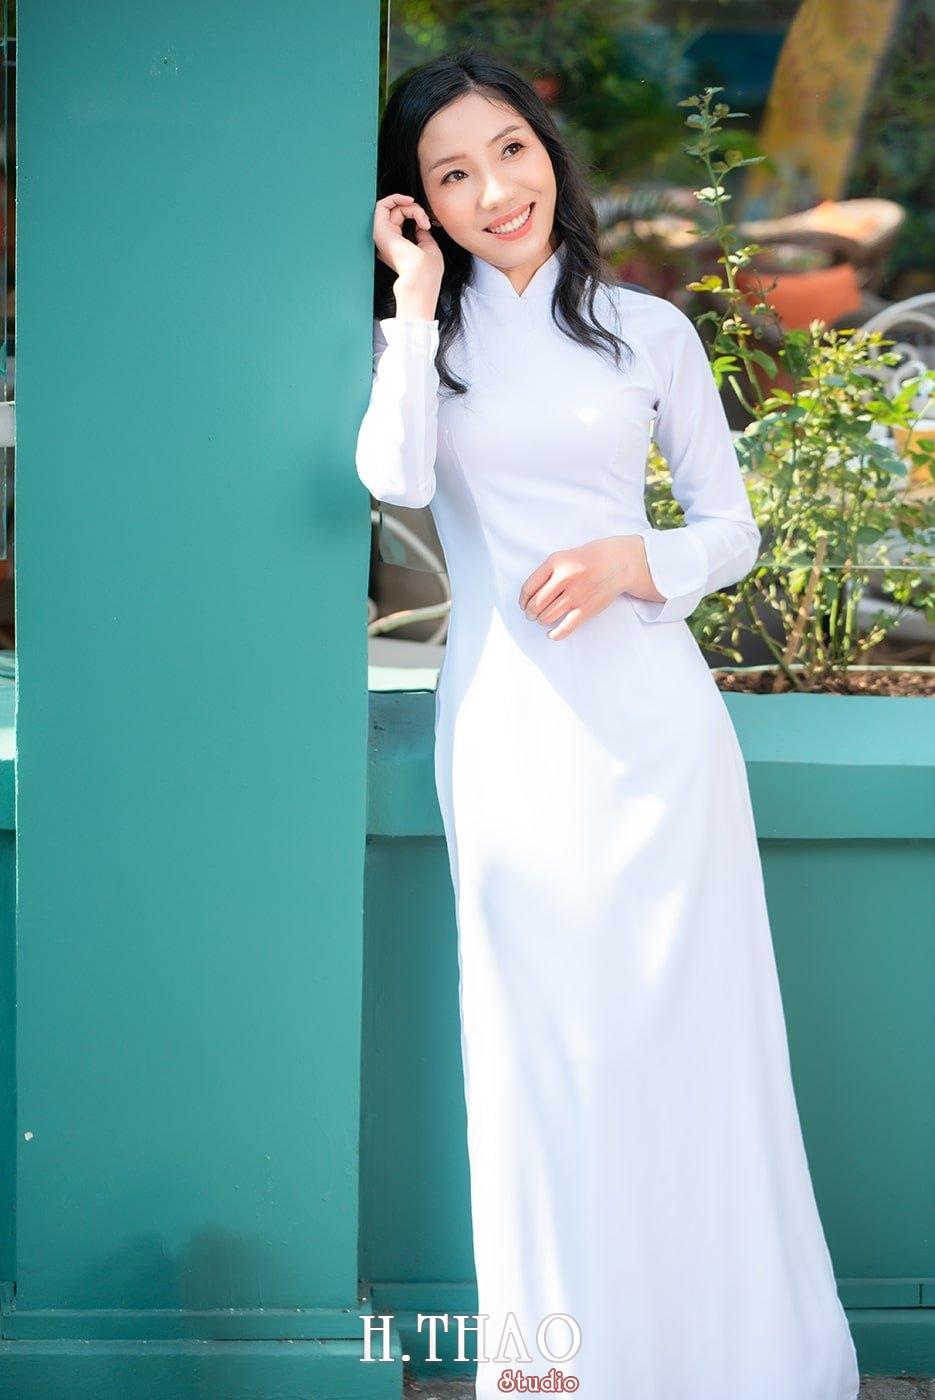 Ao dai nha tho duc ba 17 - Tổng hợp album ảnh áo dài chụp tại nhà thờ Đức Bà - HThao Studio